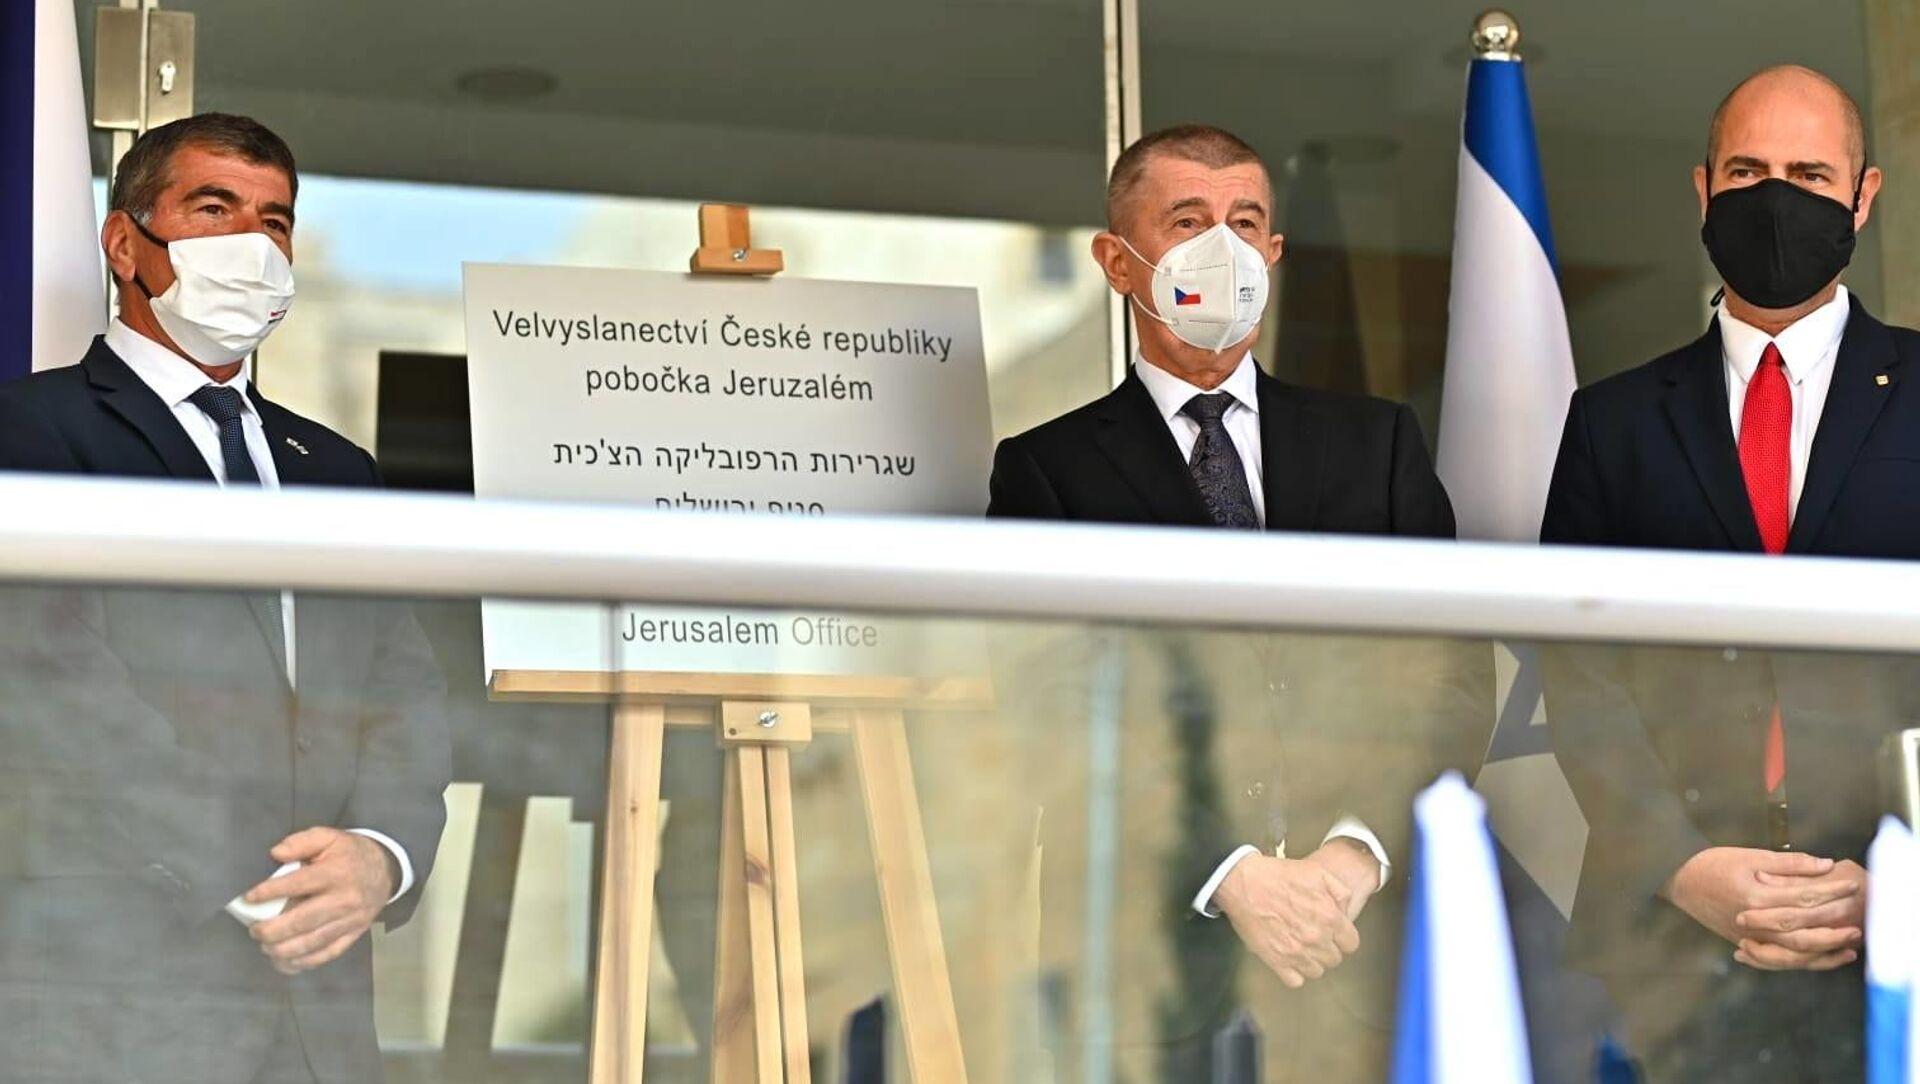 Premiér Andrej Babiš na slavnostní ceremonii otevření pobočky české ambasády v Jeruzalémě  - Sputnik Česká republika, 1920, 13.03.2021